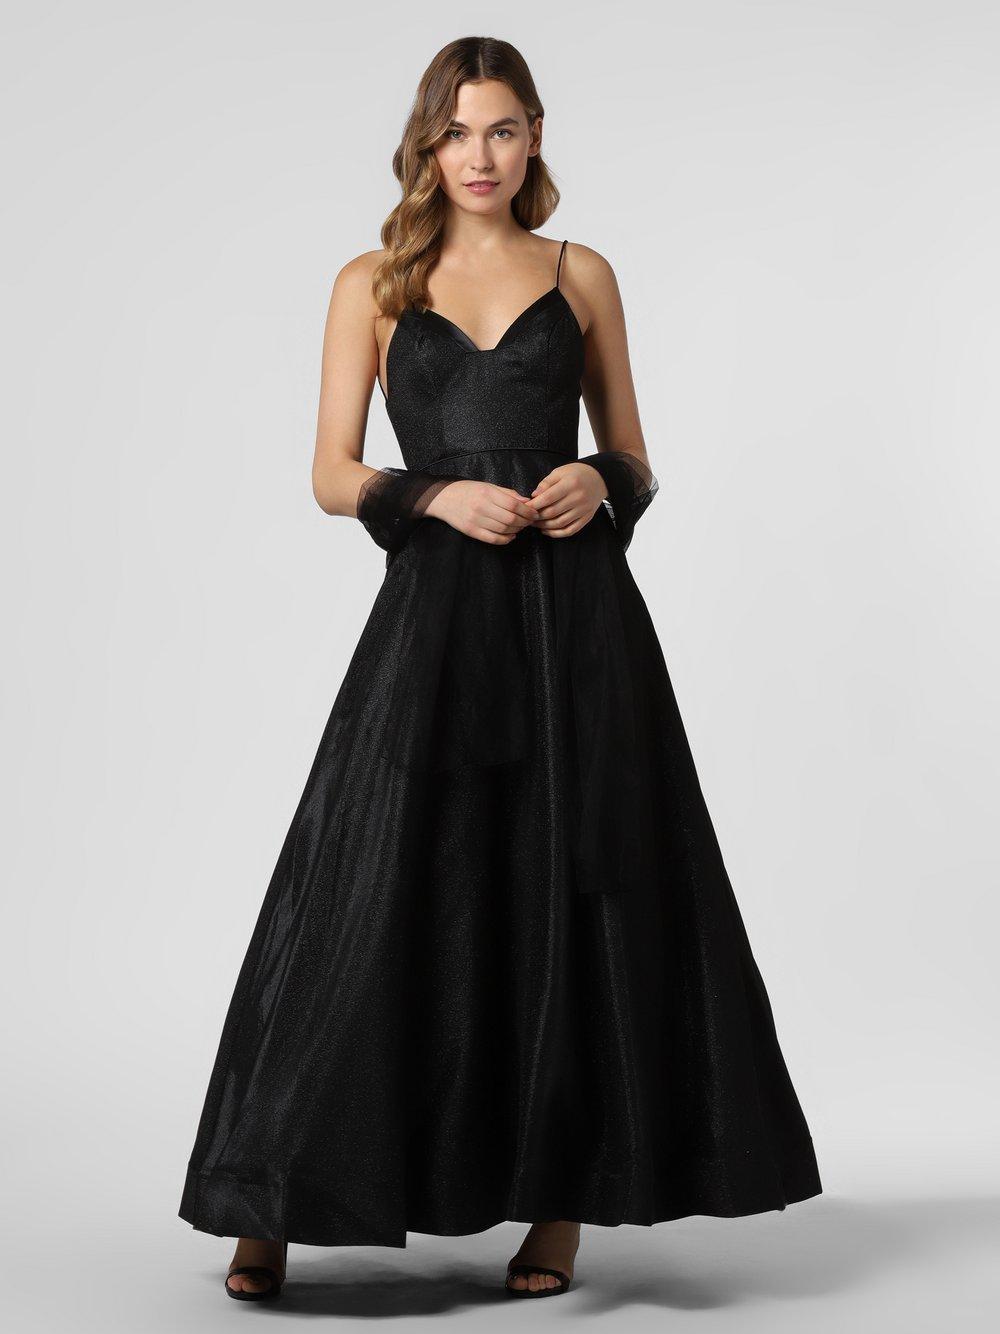 Unique - Damska sukienka wieczorowa z etolą, czarny